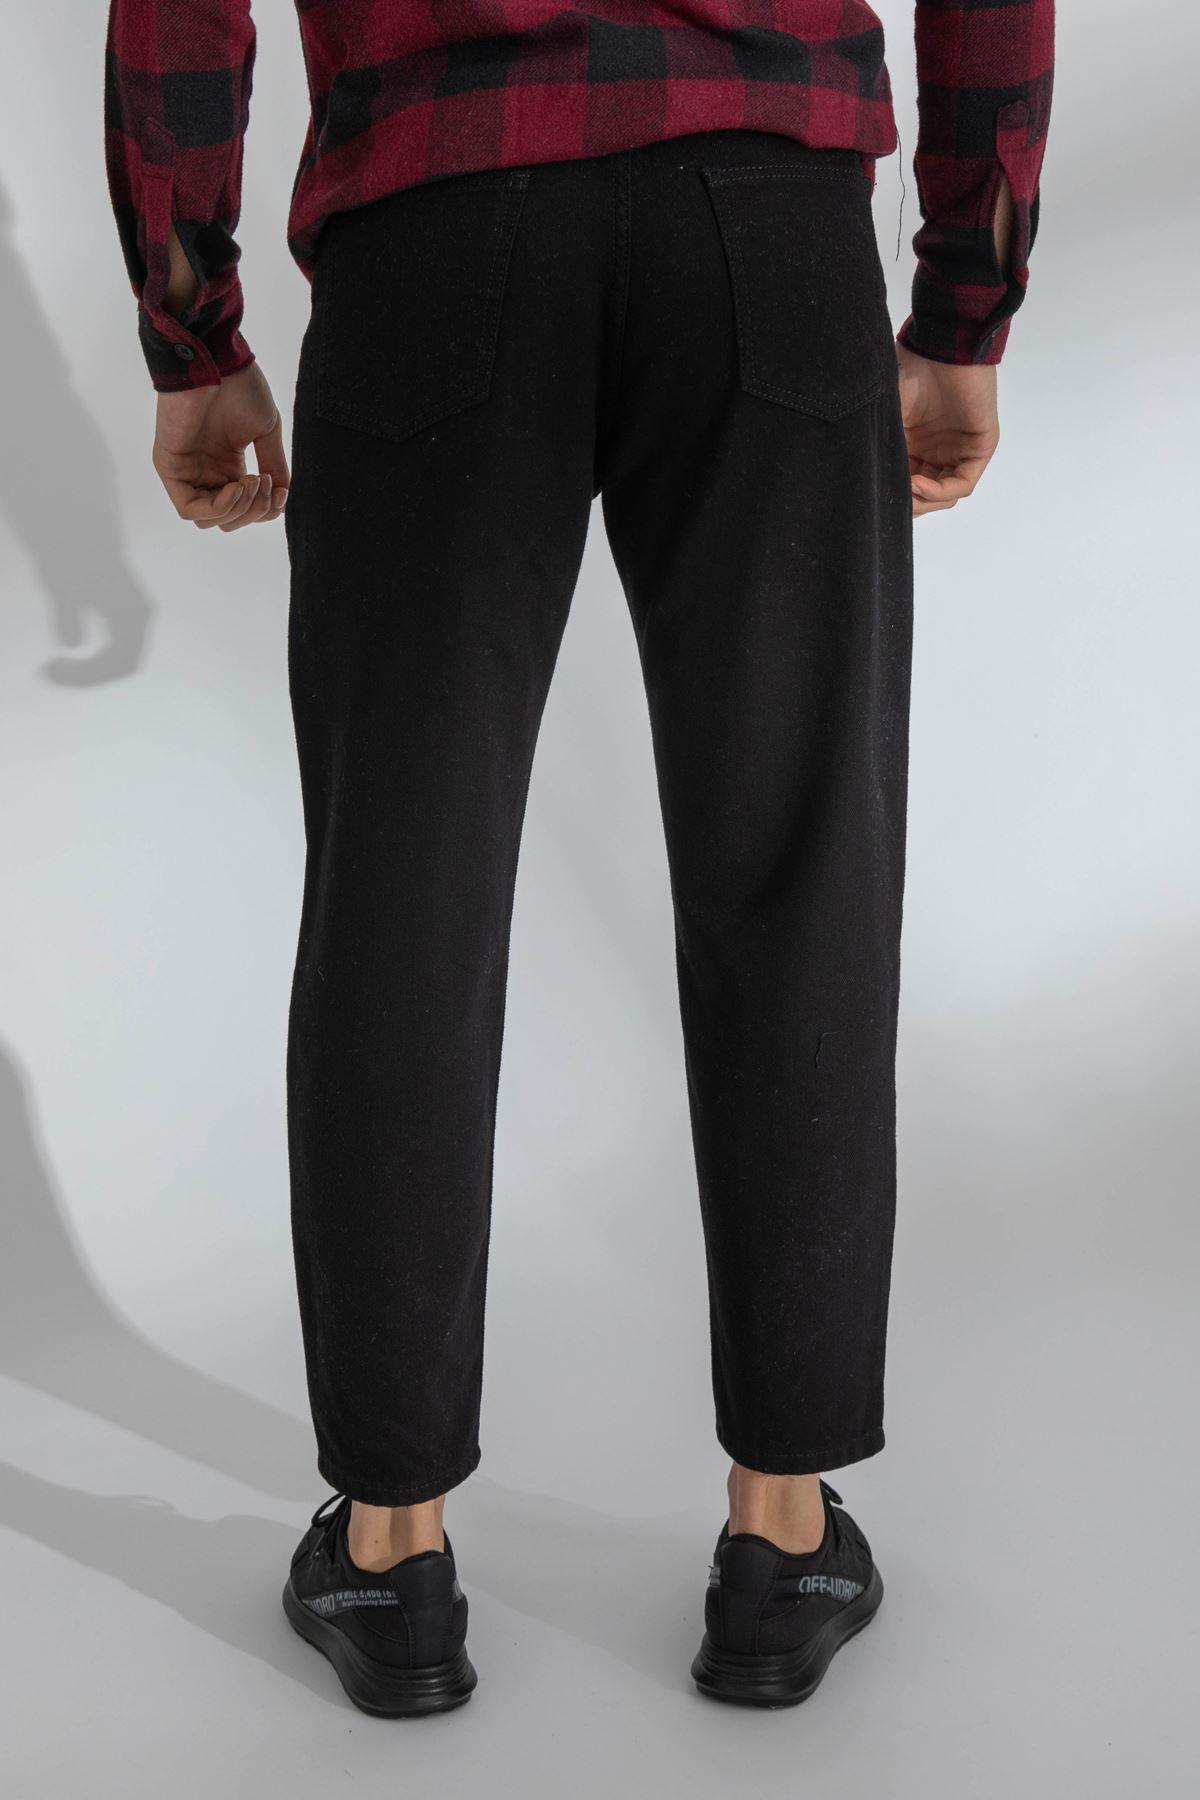 Erkek Yırtıklı Boyfriend Siyah Kot Pantolon